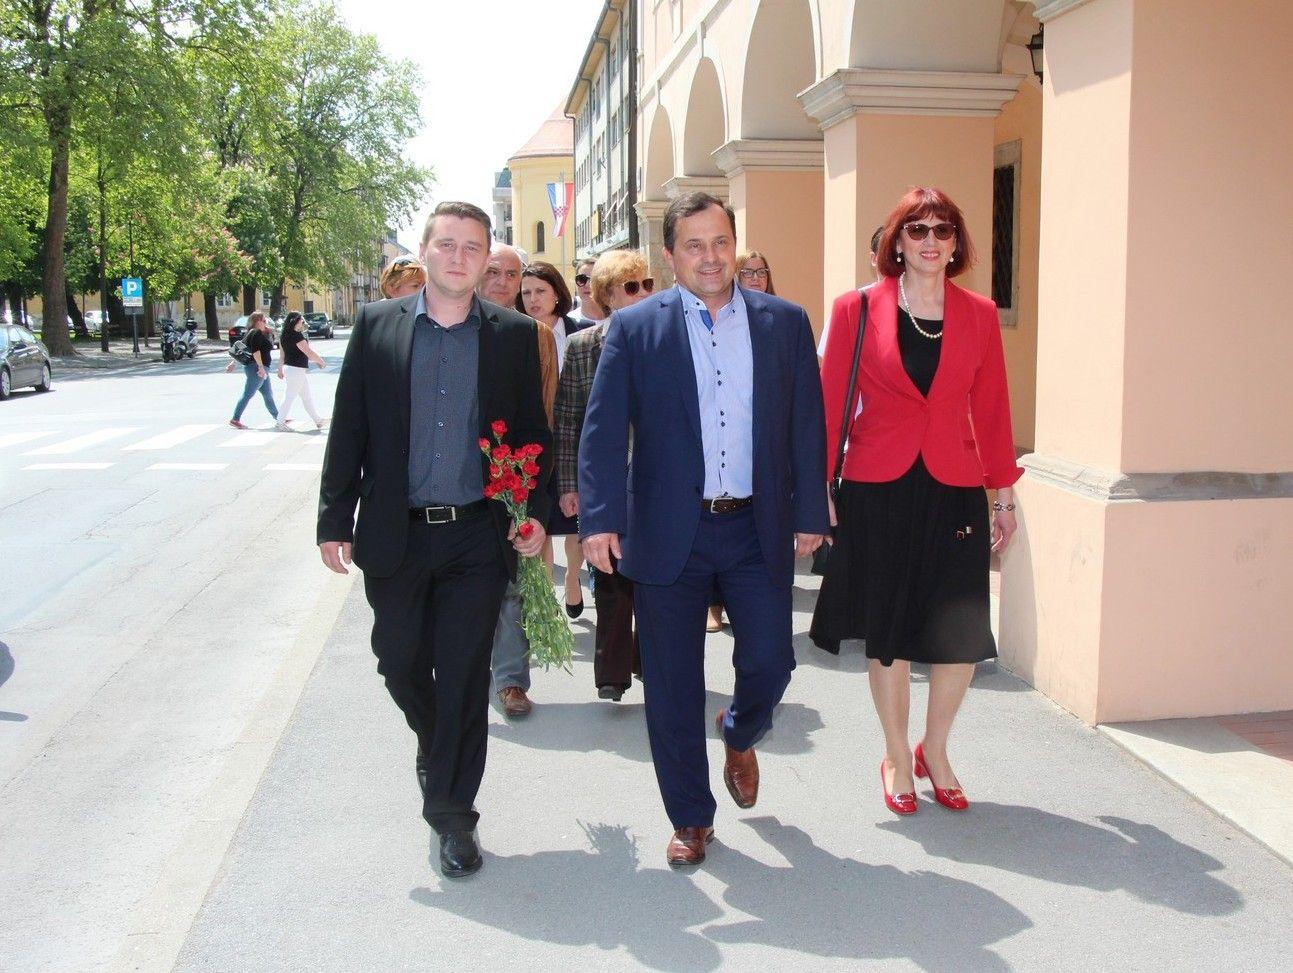 DAVORIN POSAVAC kandidat za gradonačelnika grada Bjelovara predao kandidaturu za gradsku vlast